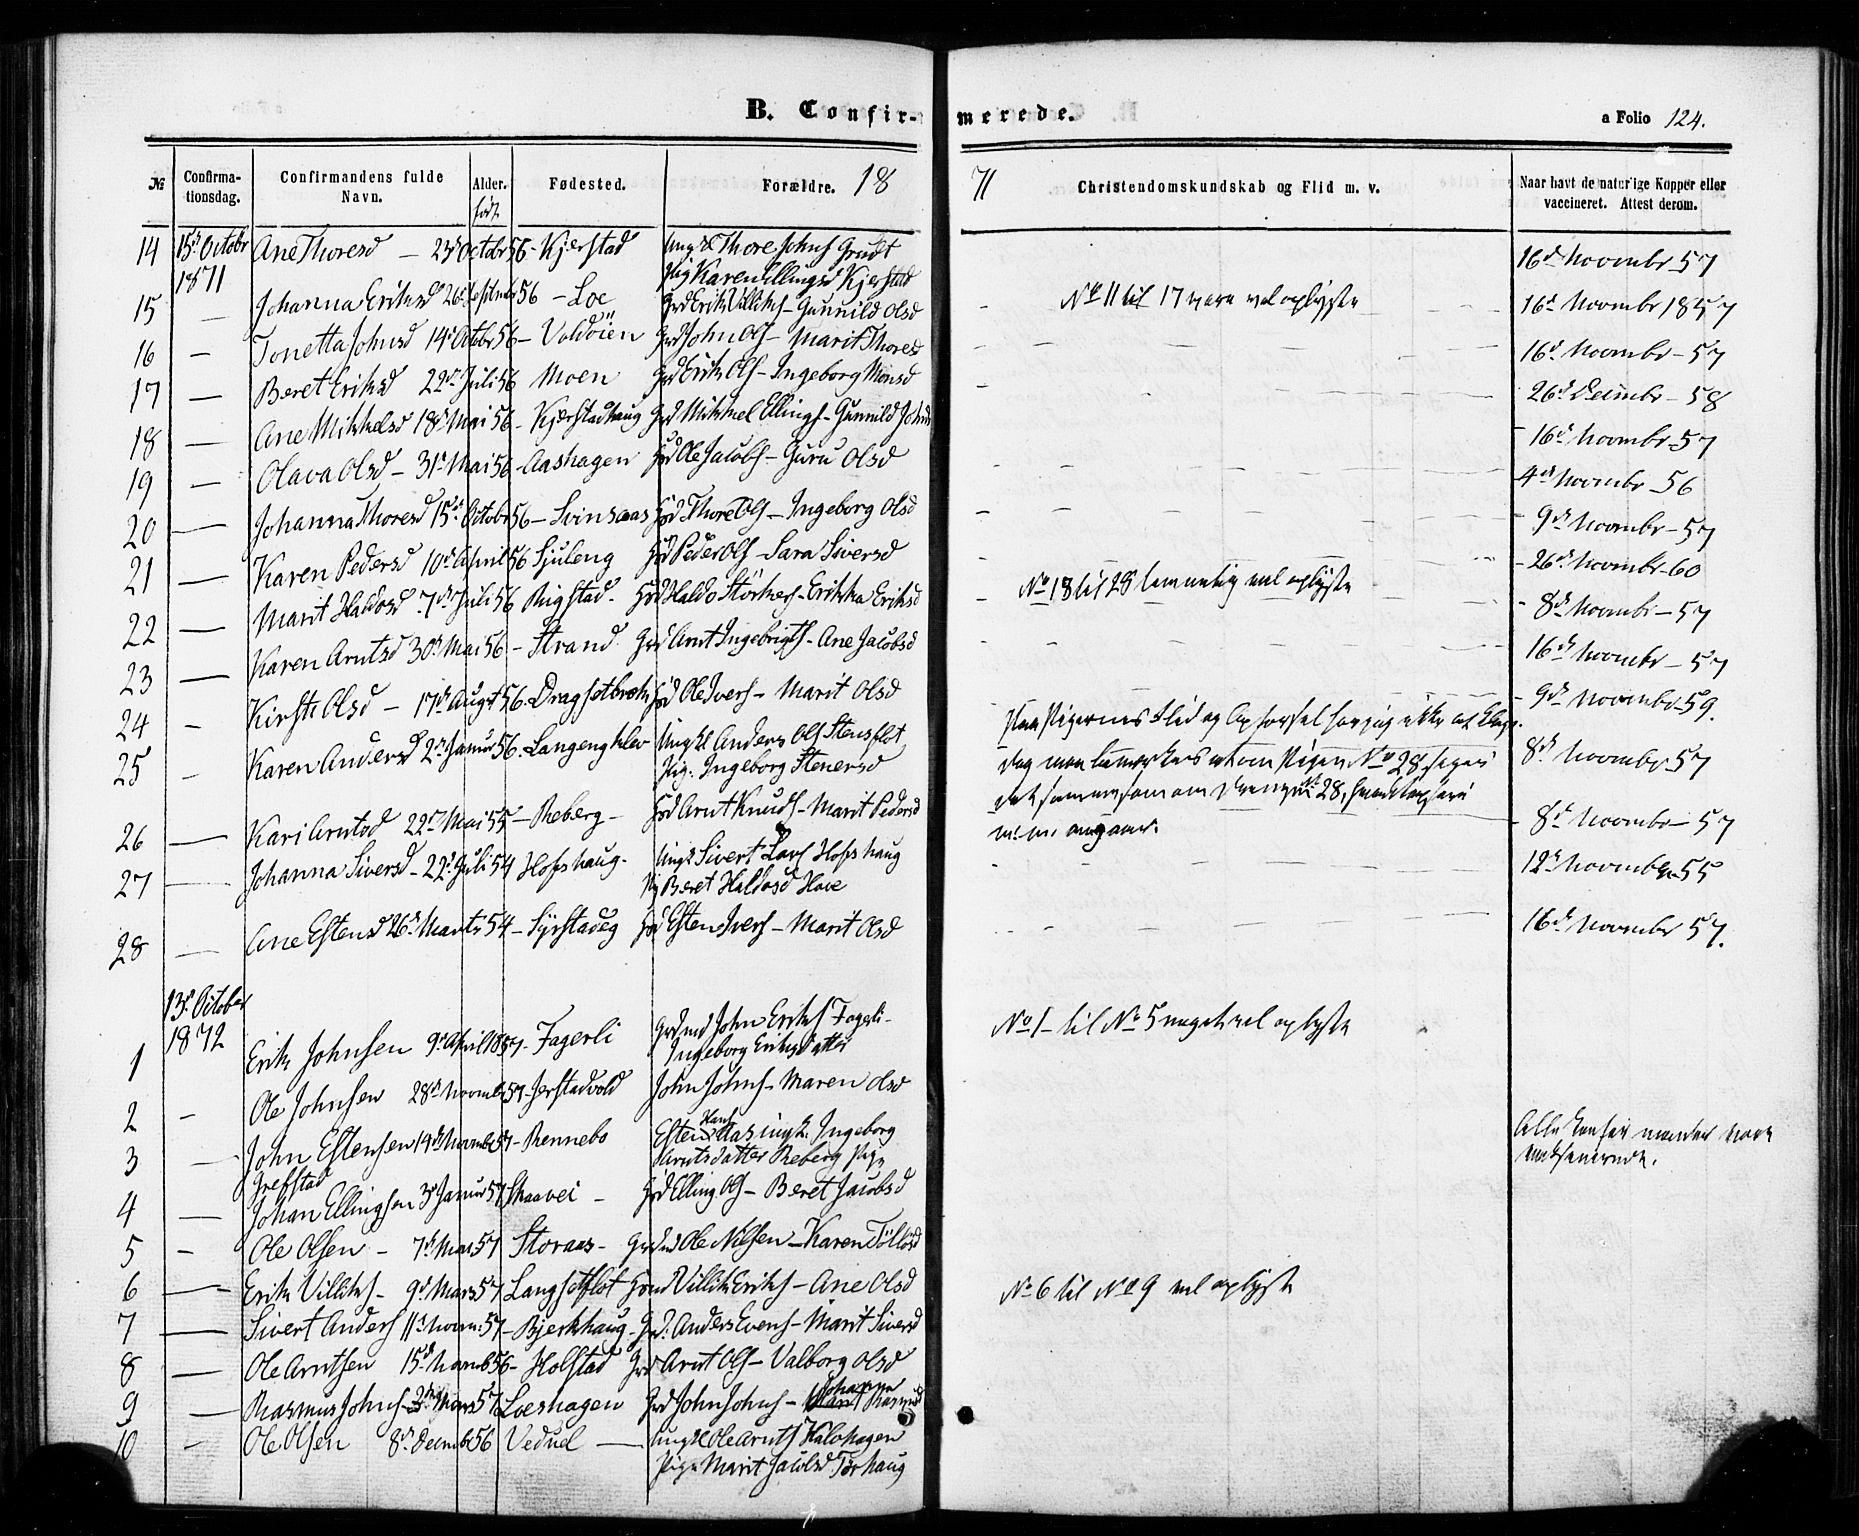 SAT, Ministerialprotokoller, klokkerbøker og fødselsregistre - Sør-Trøndelag, 672/L0856: Ministerialbok nr. 672A08, 1861-1881, s. 124